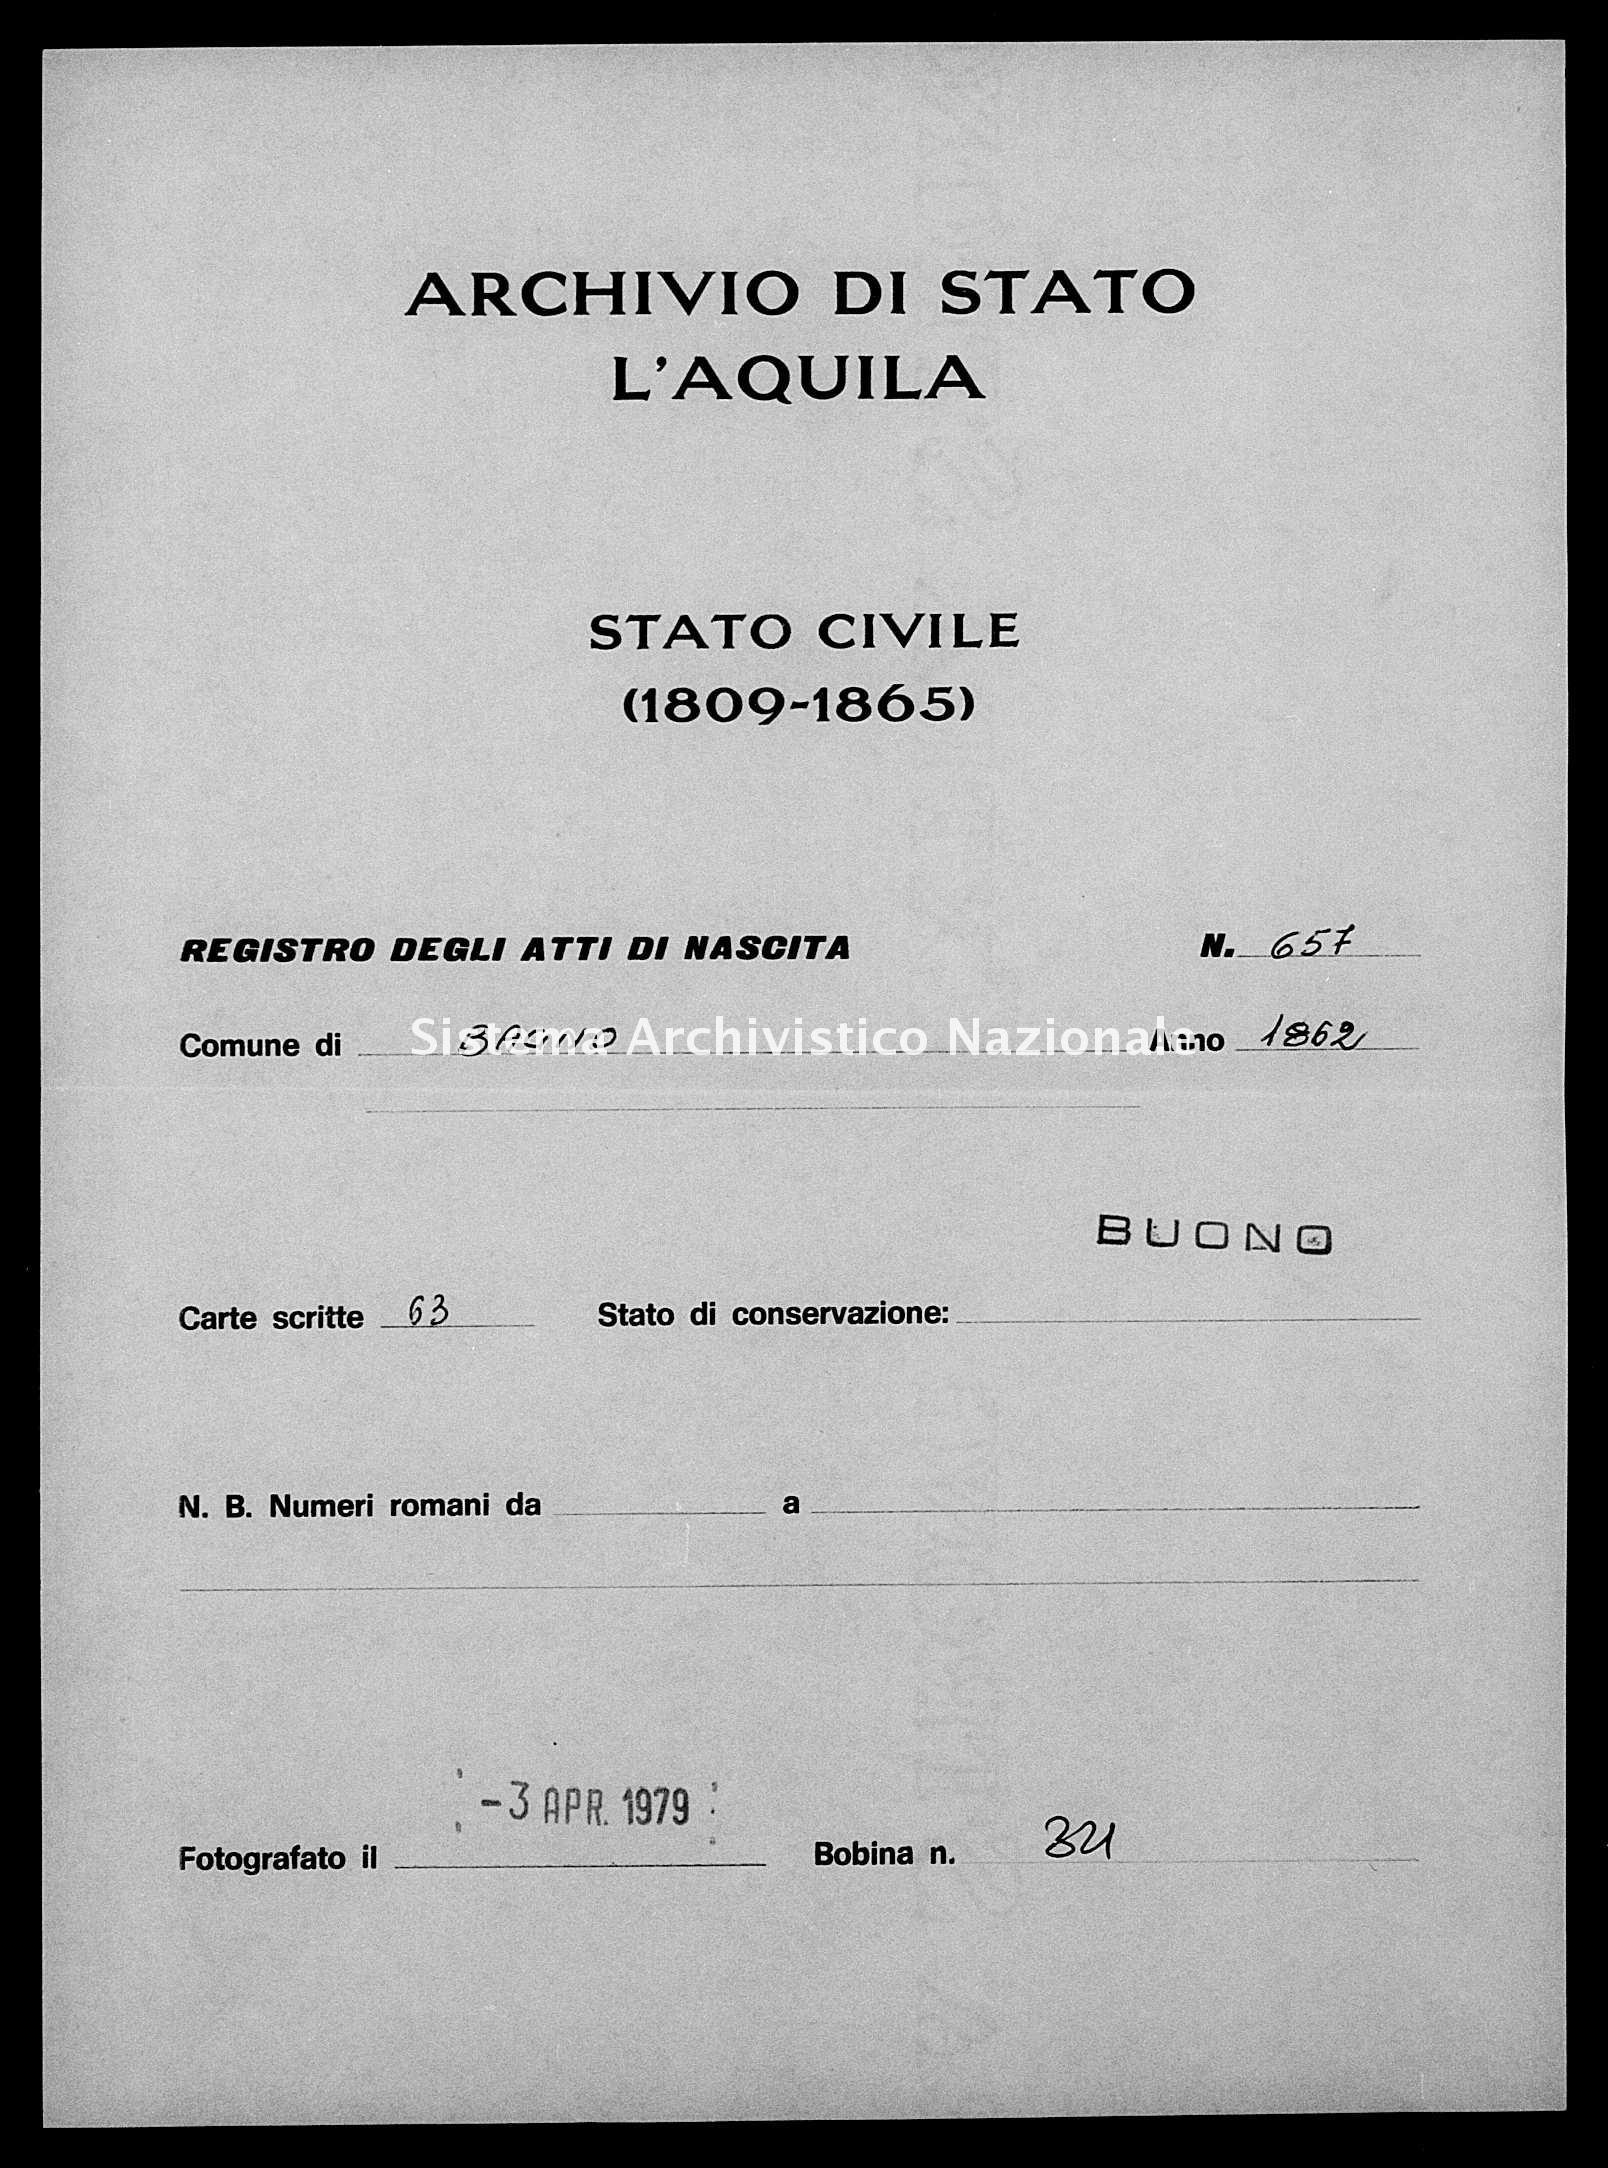 Archivio di stato di L'aquila - Stato civile italiano - Bagno - Nati, battesimi - 1862 - 657 -